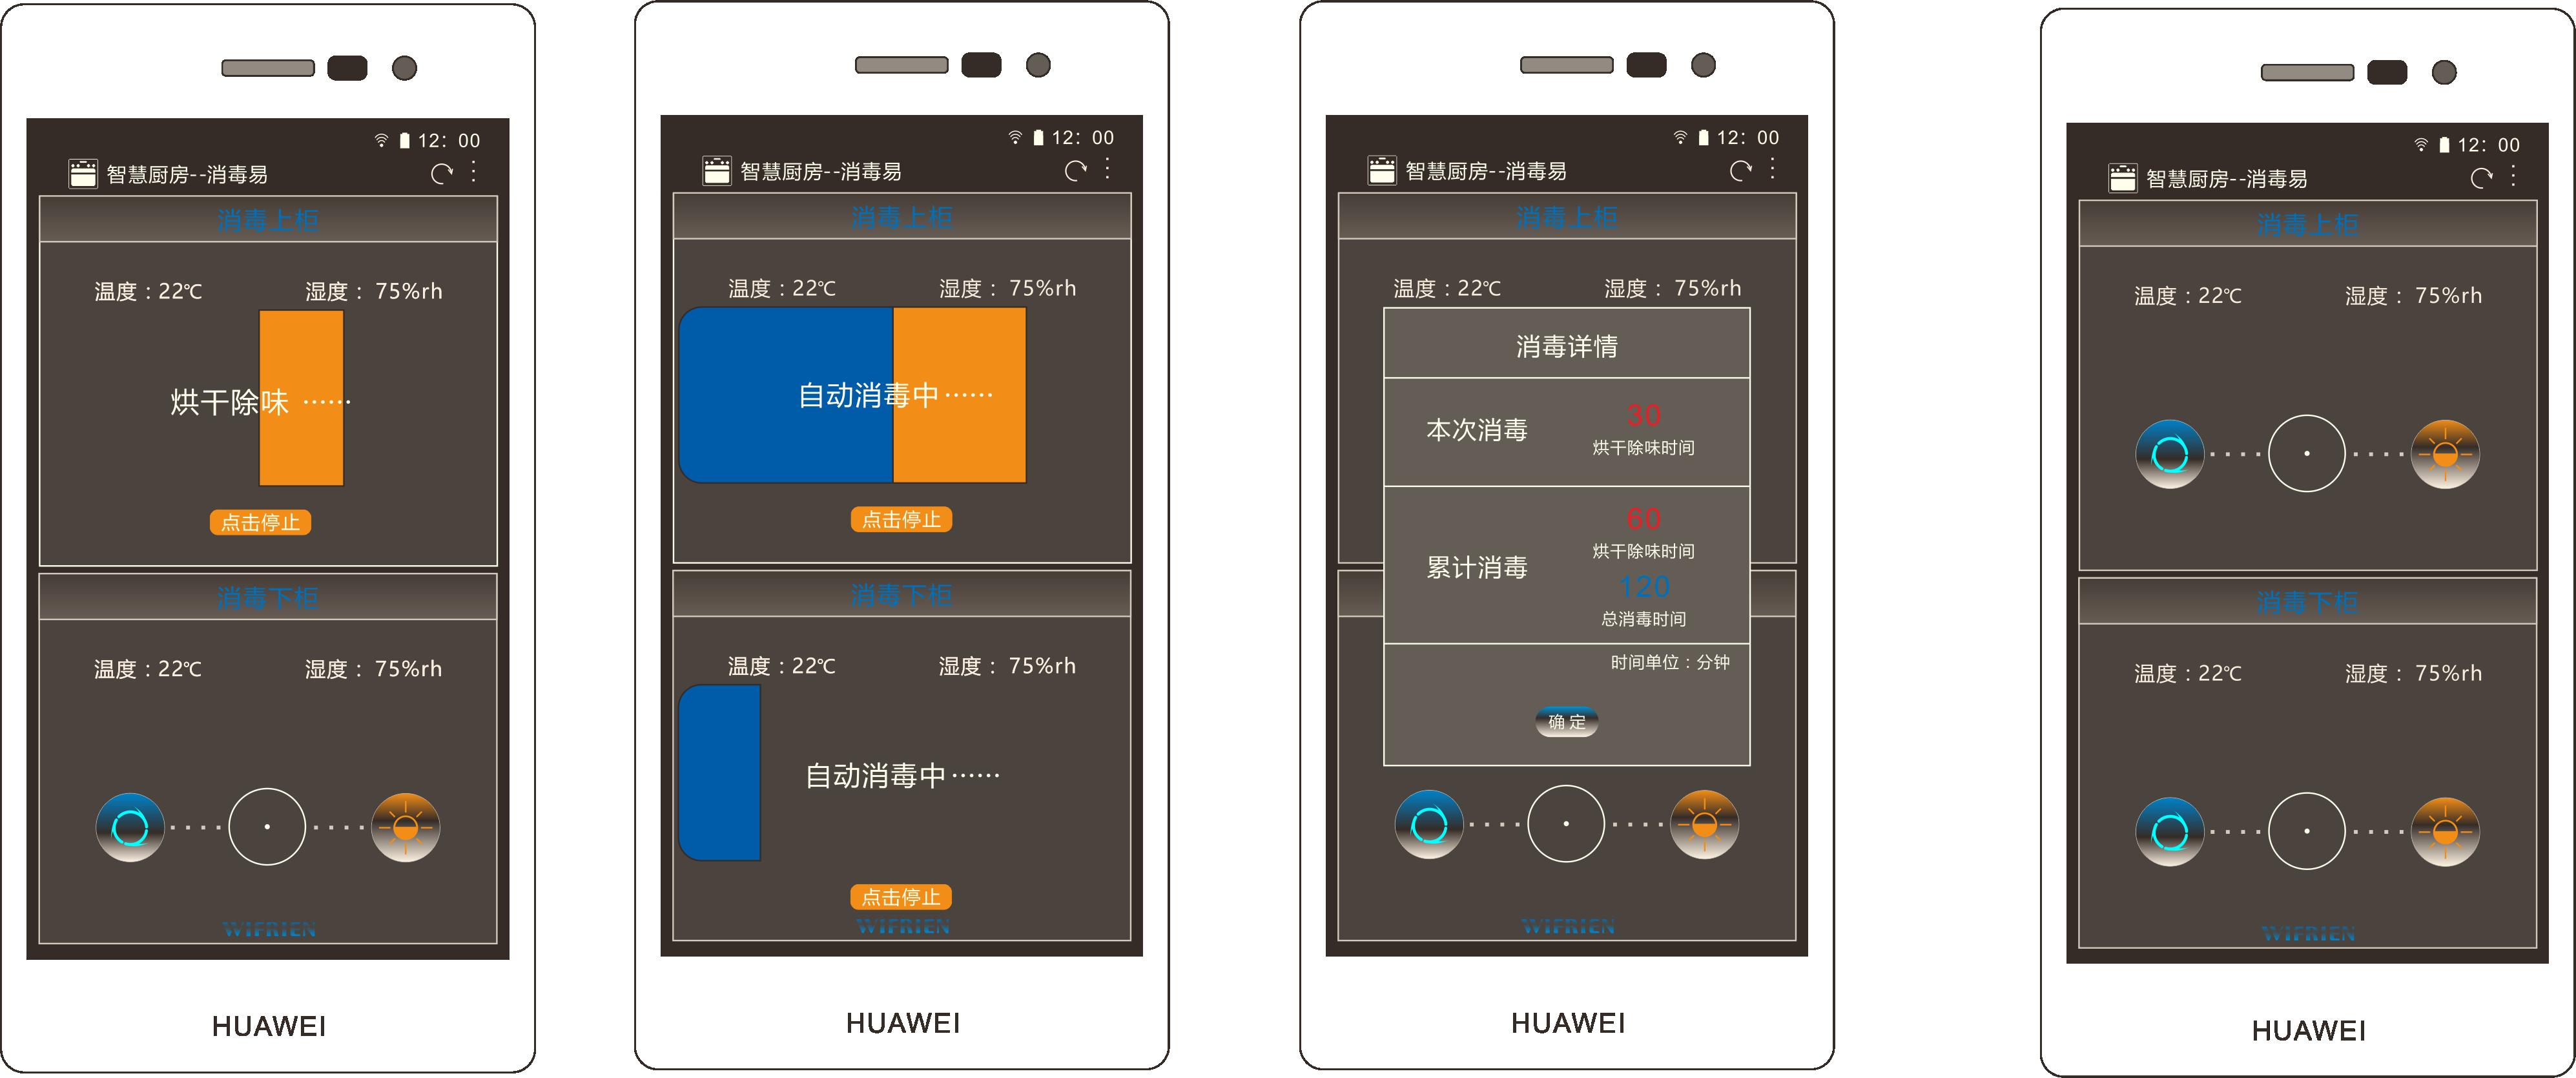 一个app ui重设计_一品威客网移动应用ui设计任务